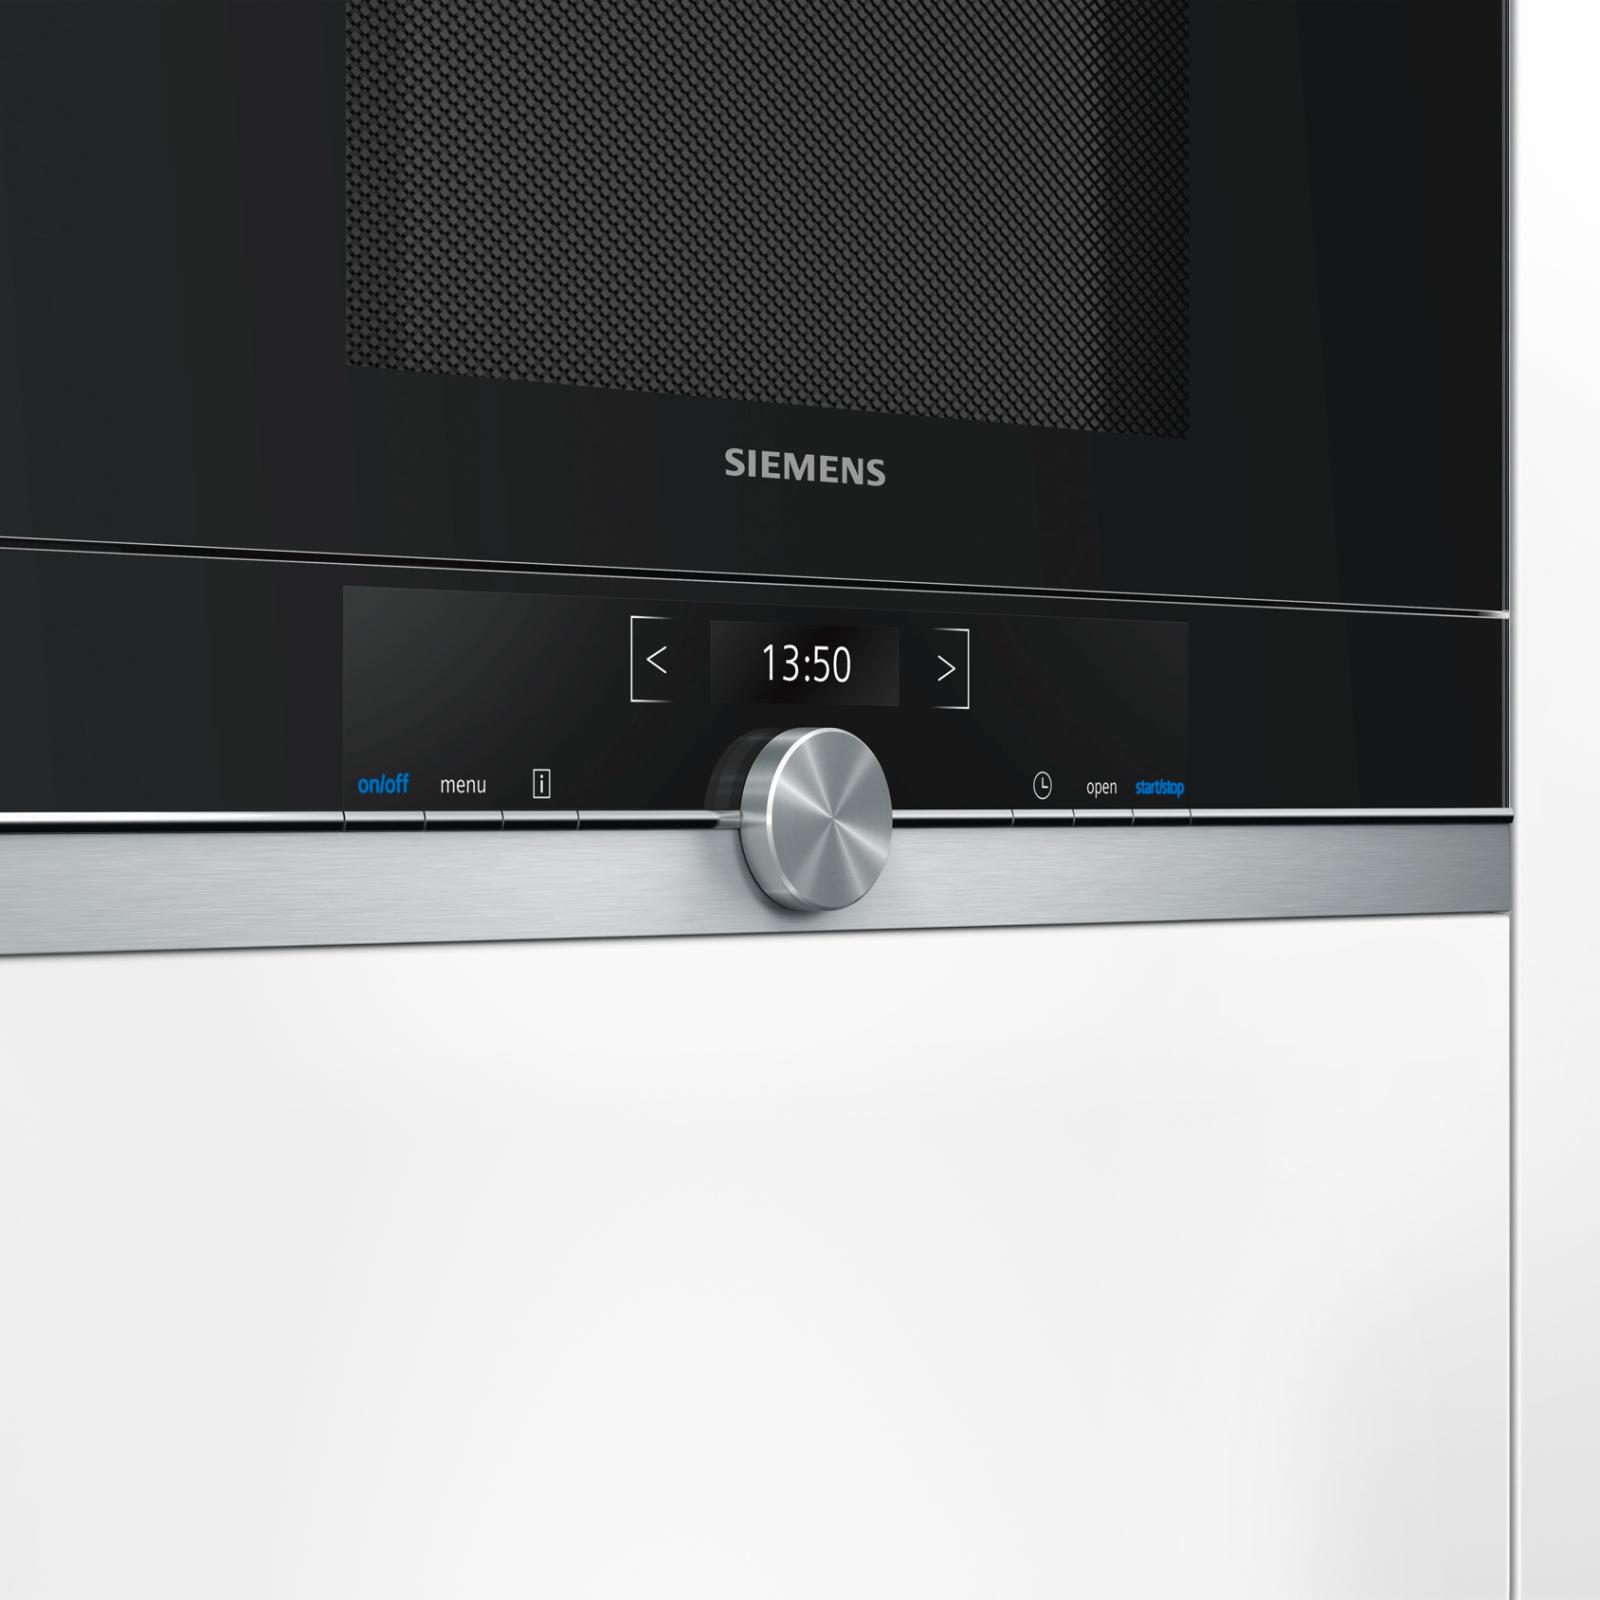 Микроволновая печь Siemens BE 634 LGS1 (BE634LGS1) изображение 2